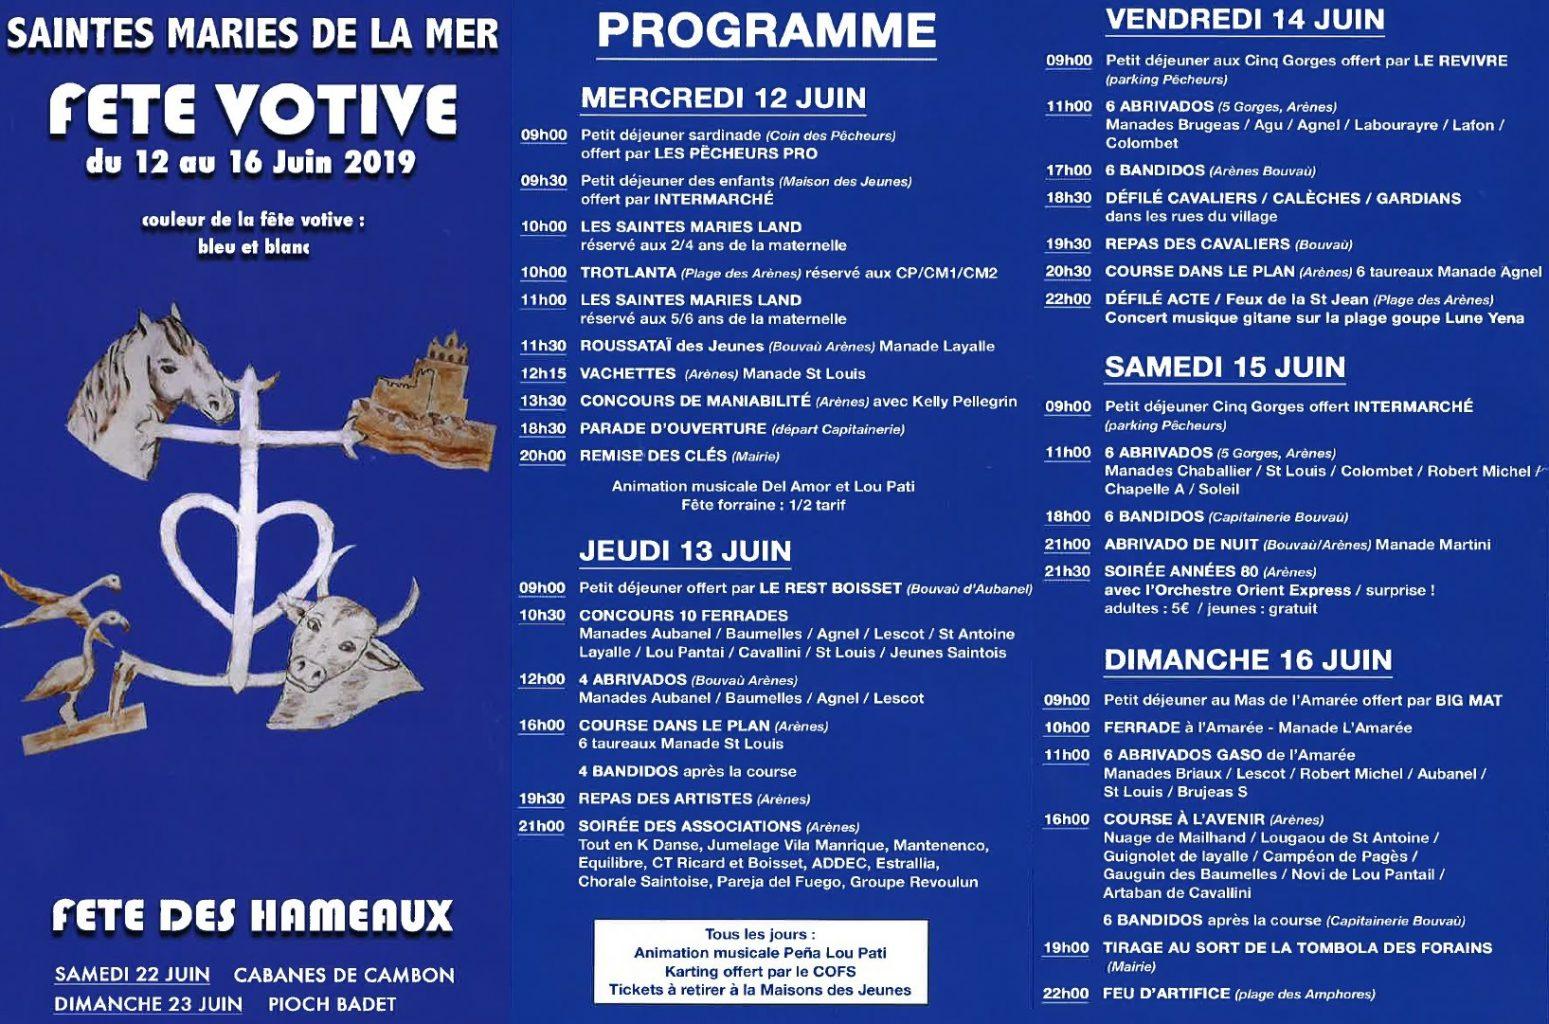 FETE VOTIVE SAINTES-MARIES-DE-LA-MER 2019